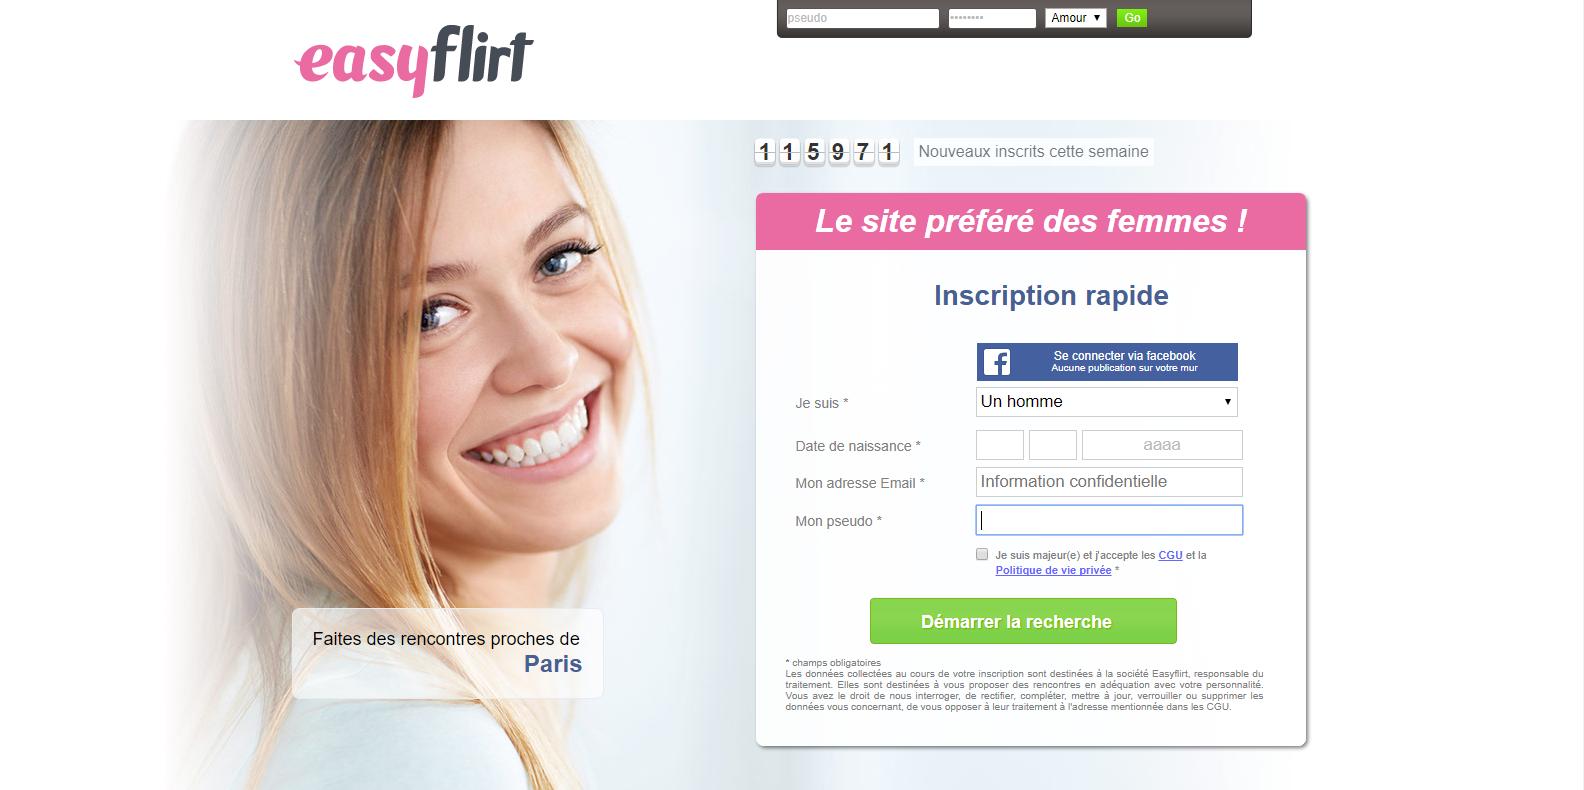 Votre site de rencontre easyflirt